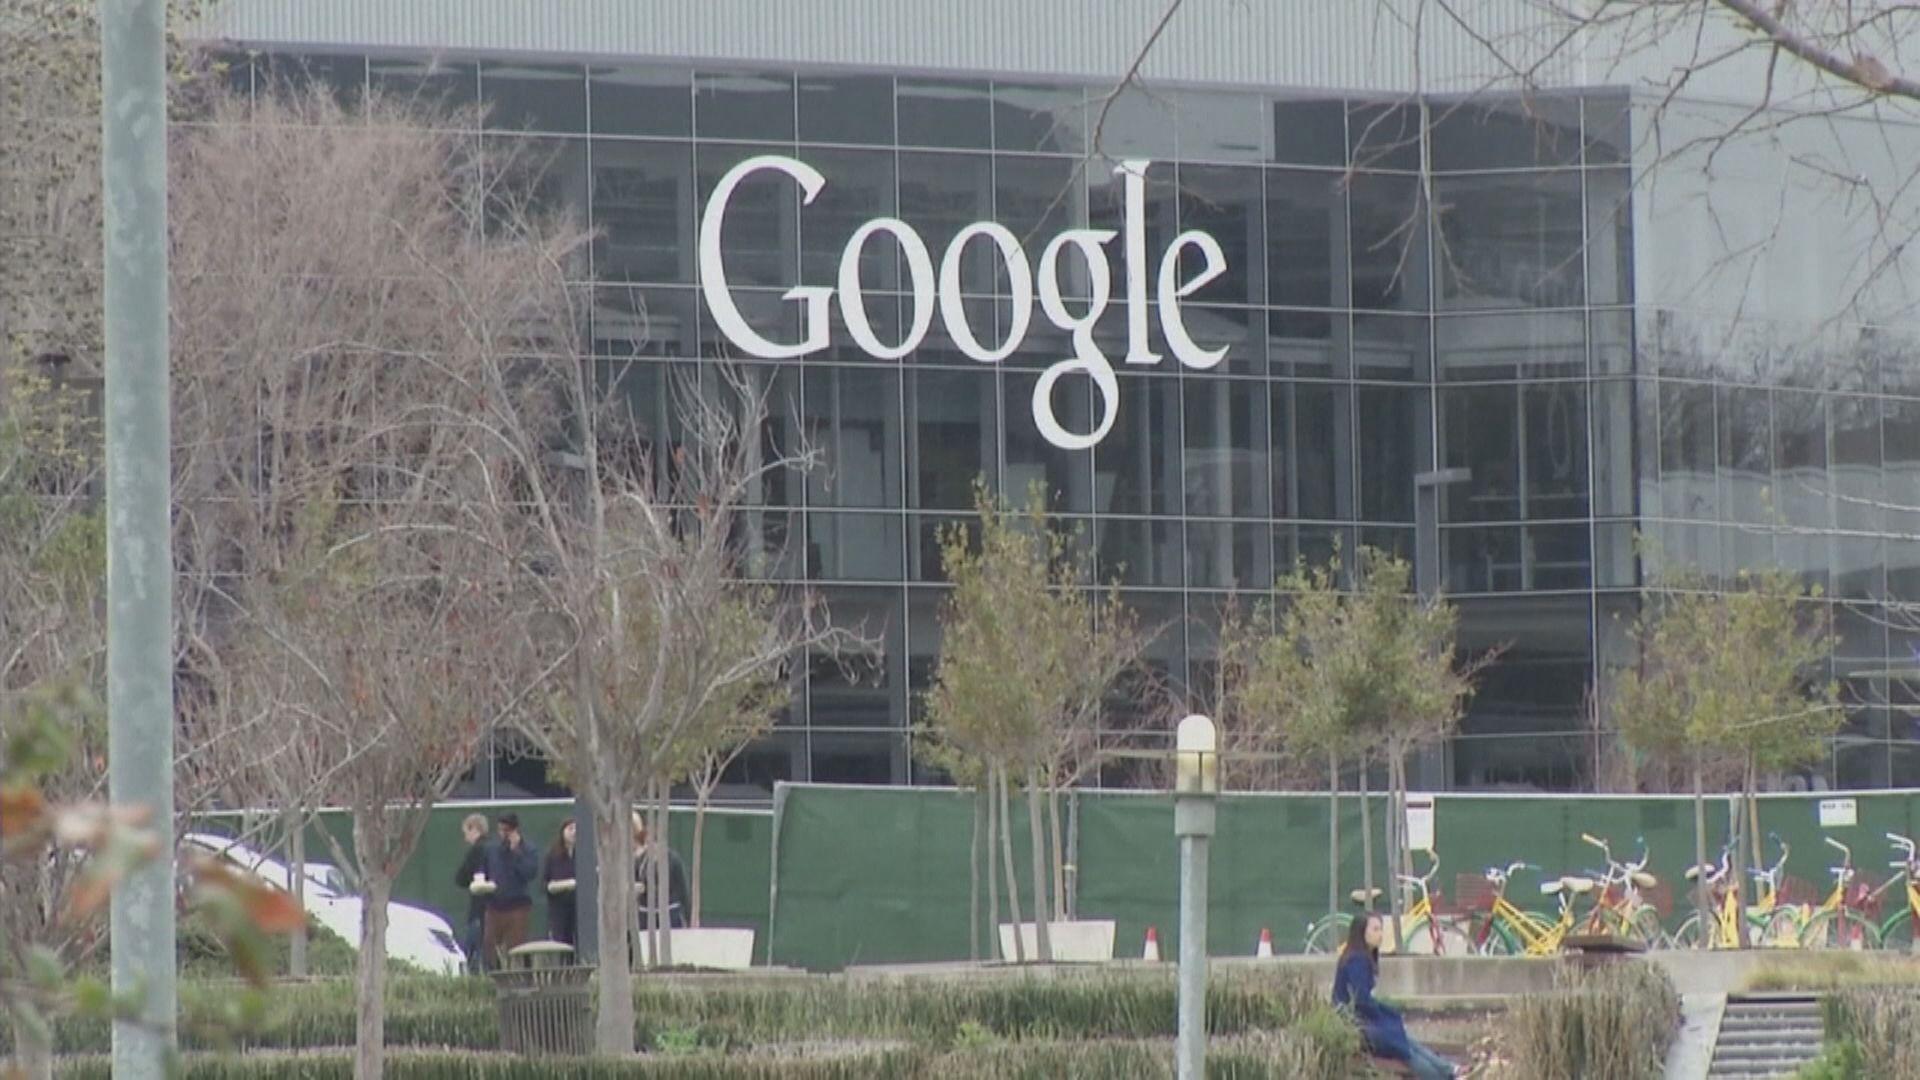 美10州聯手告!Google:壟斷指控毫無根據